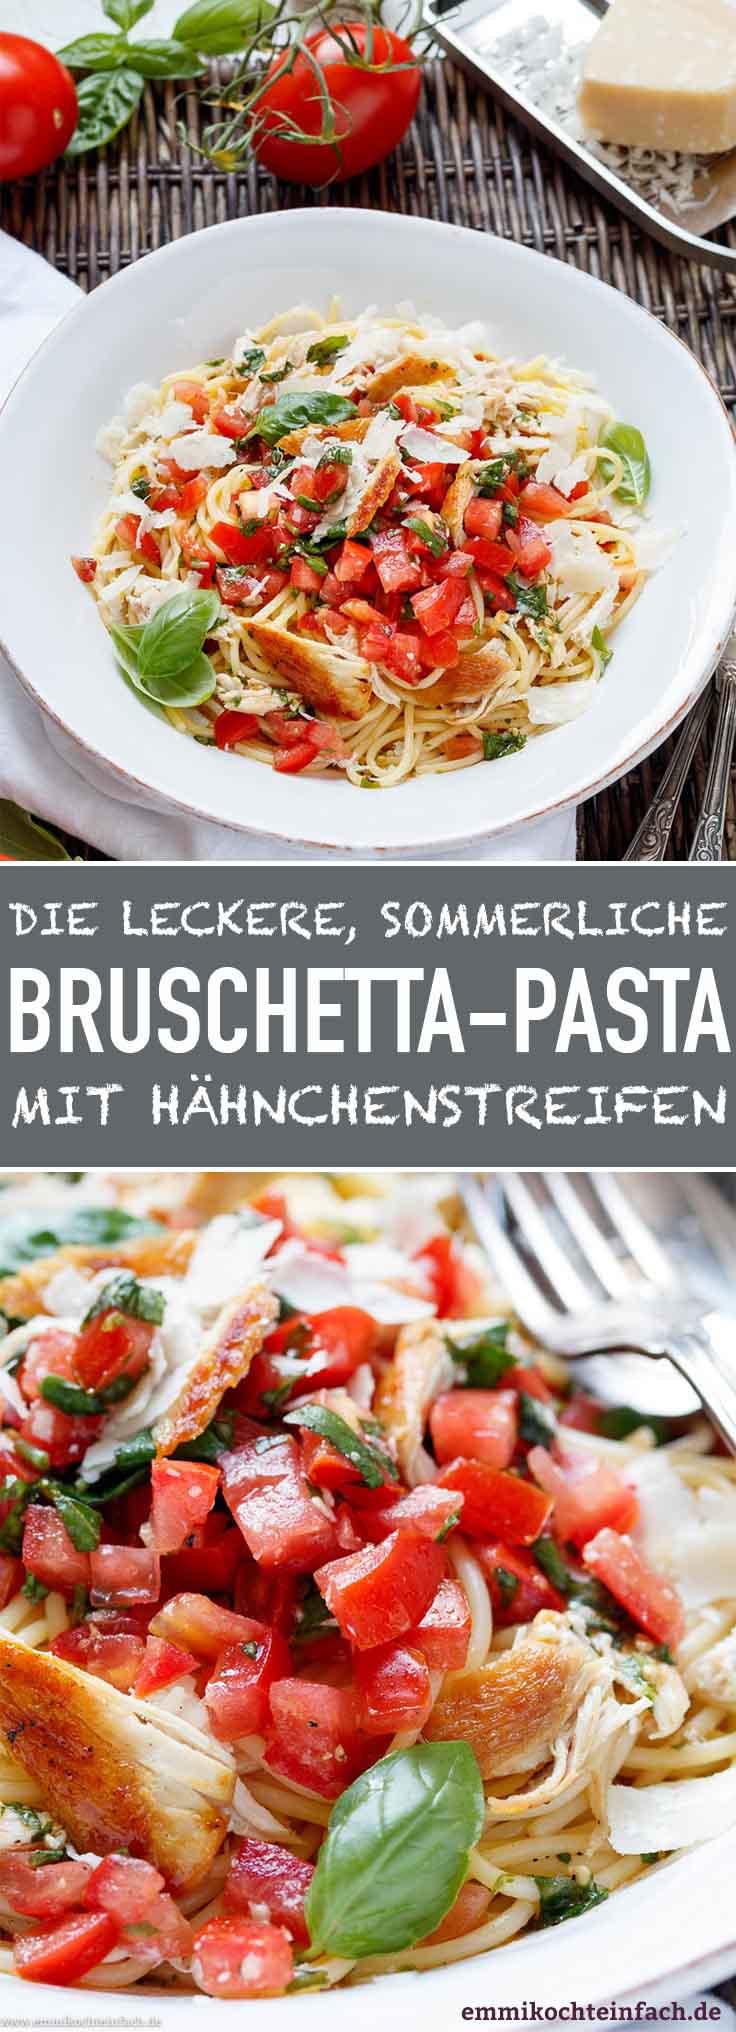 Bruschetta Pasta mit Hähnchenstreifen - www.emmikochteinfach.de